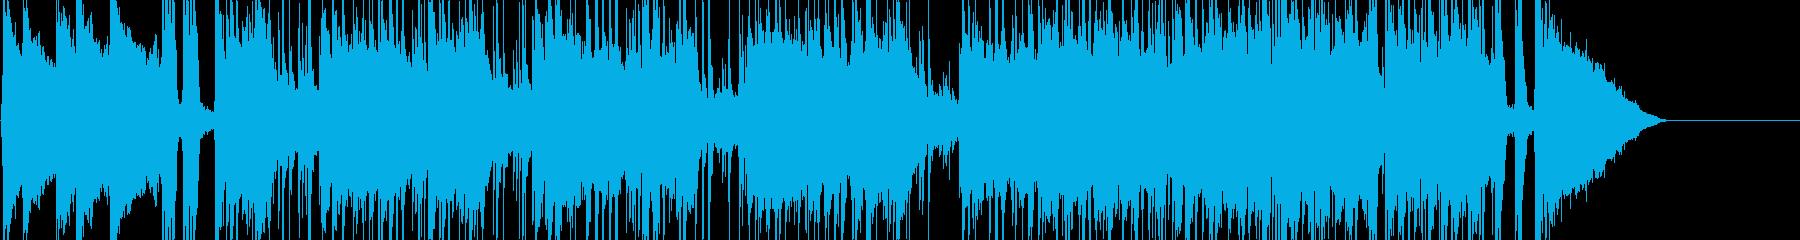 激しい 力強い アタック 場面転換の再生済みの波形